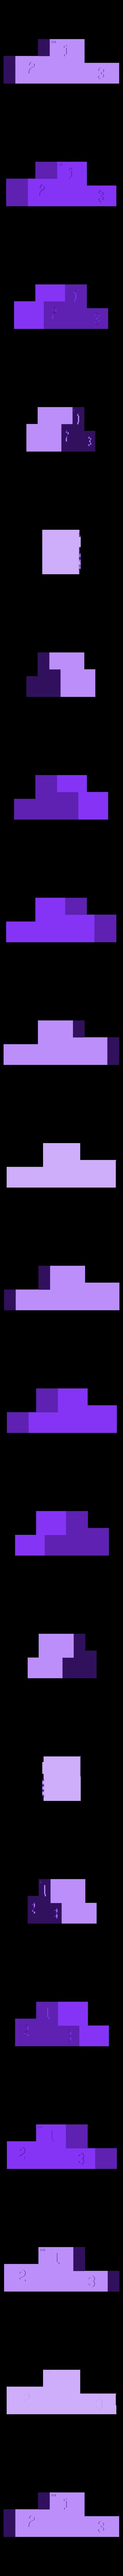 Podium.STL Télécharger fichier STL gratuit Podium • Objet imprimable en 3D, LeSuppo